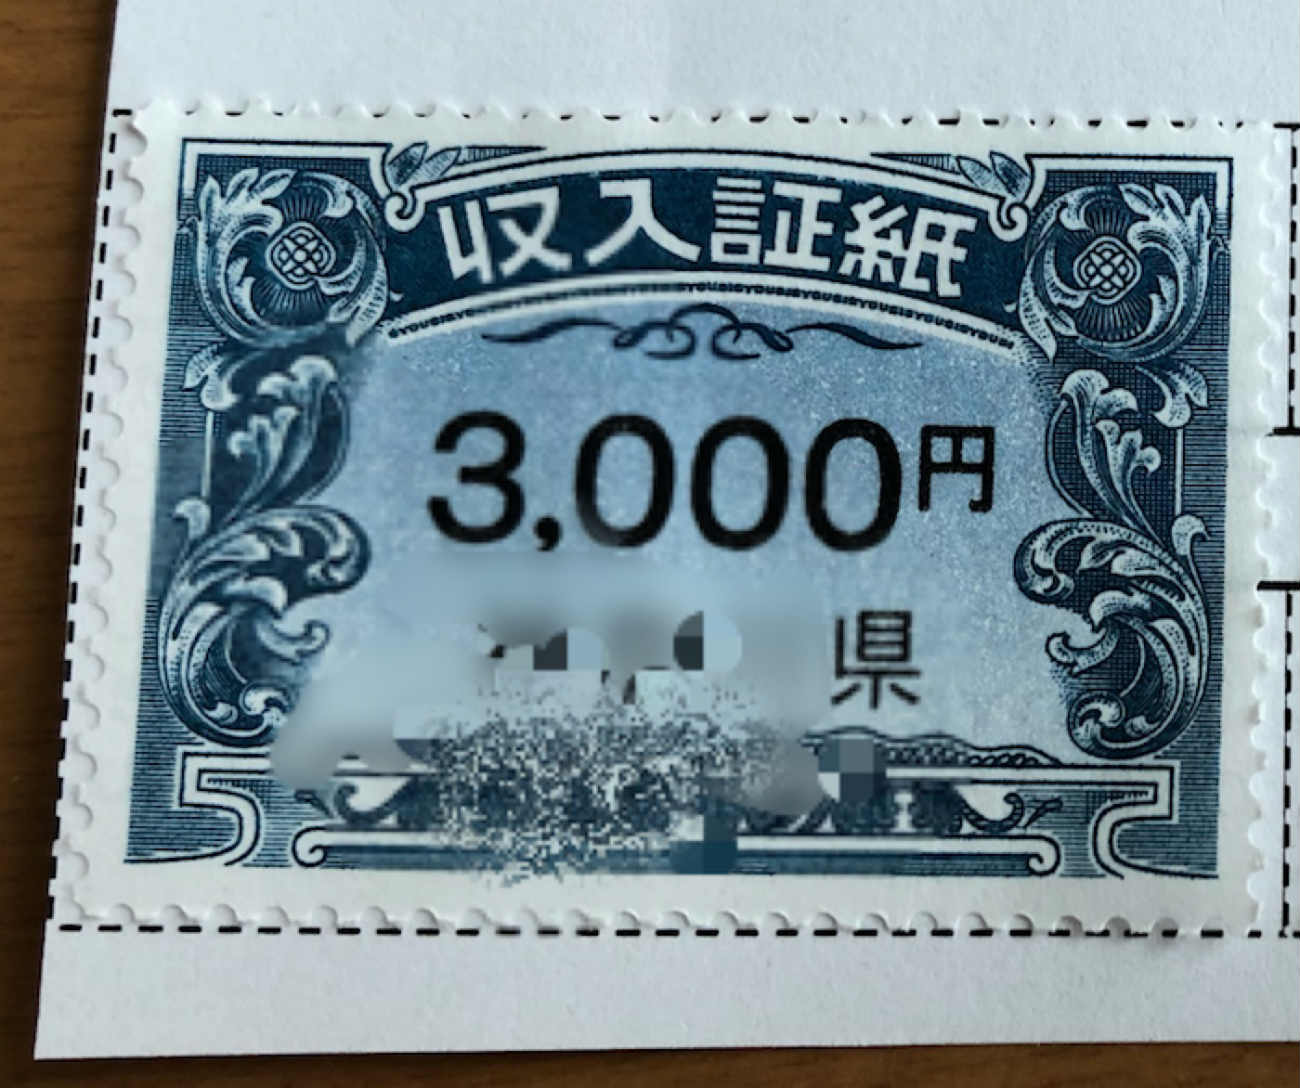 間違えて貼り付けてしまった3000円分の収入証紙